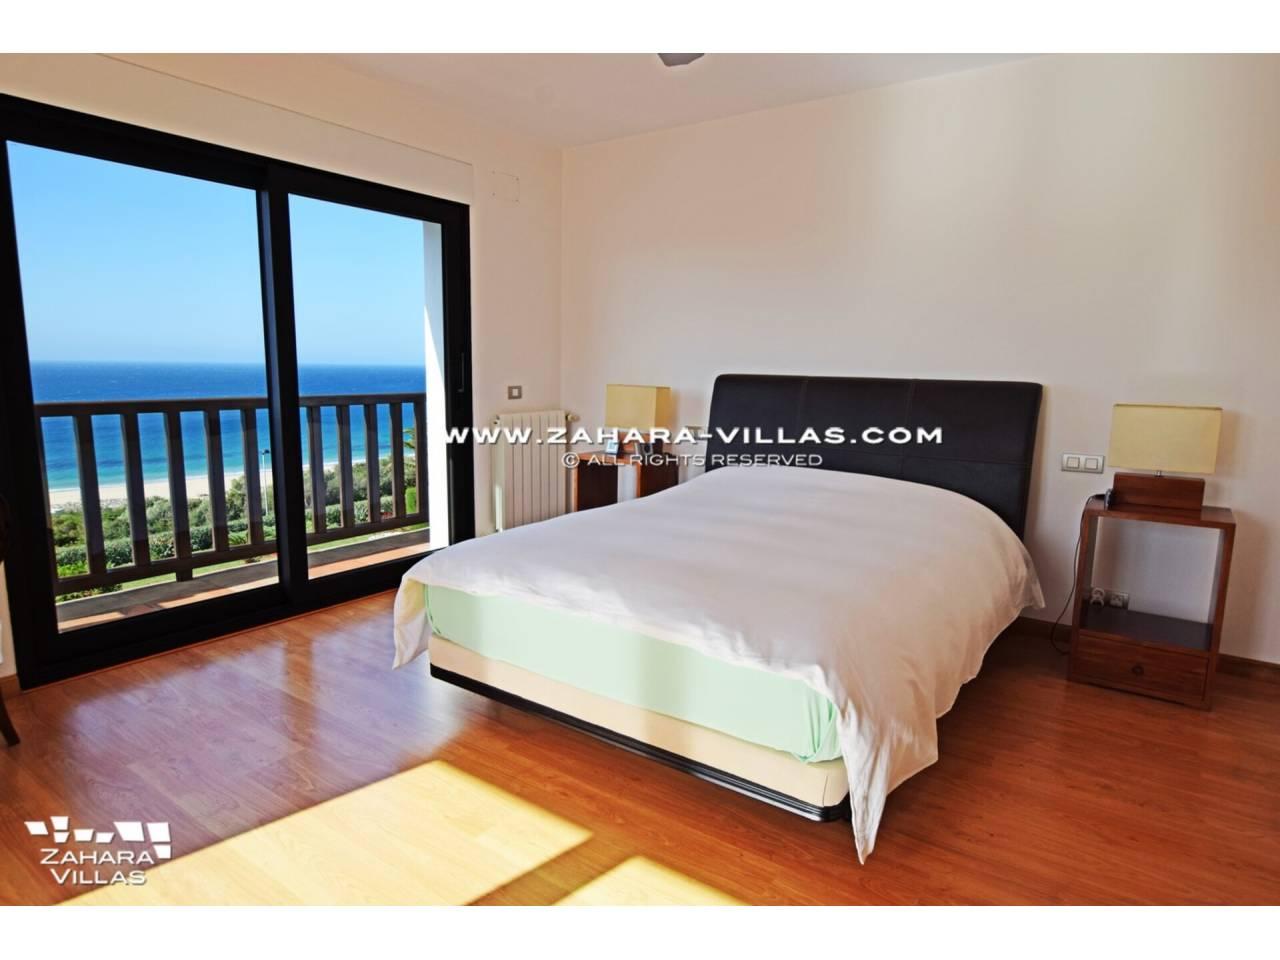 Imagen 42 de Maravilloso Chalet en venta en la zona del Faro Camarinal con vistas panorámicas a la Playa de los Alemanes